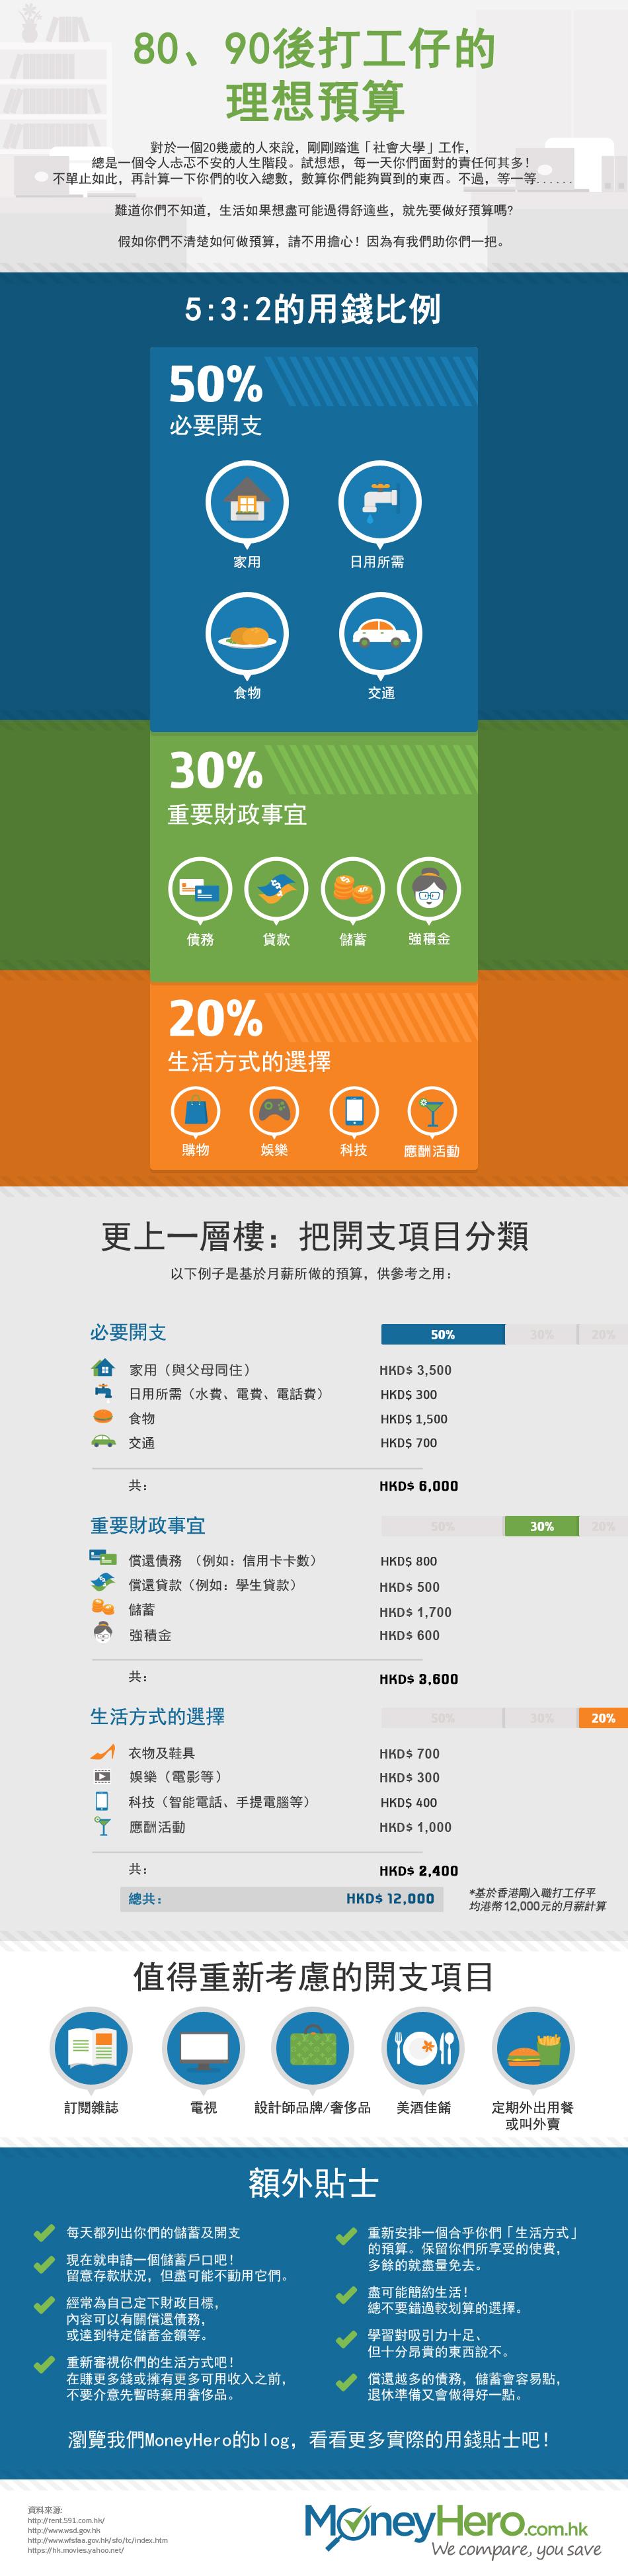 IG_HK-ZH_BudgetForMillenials